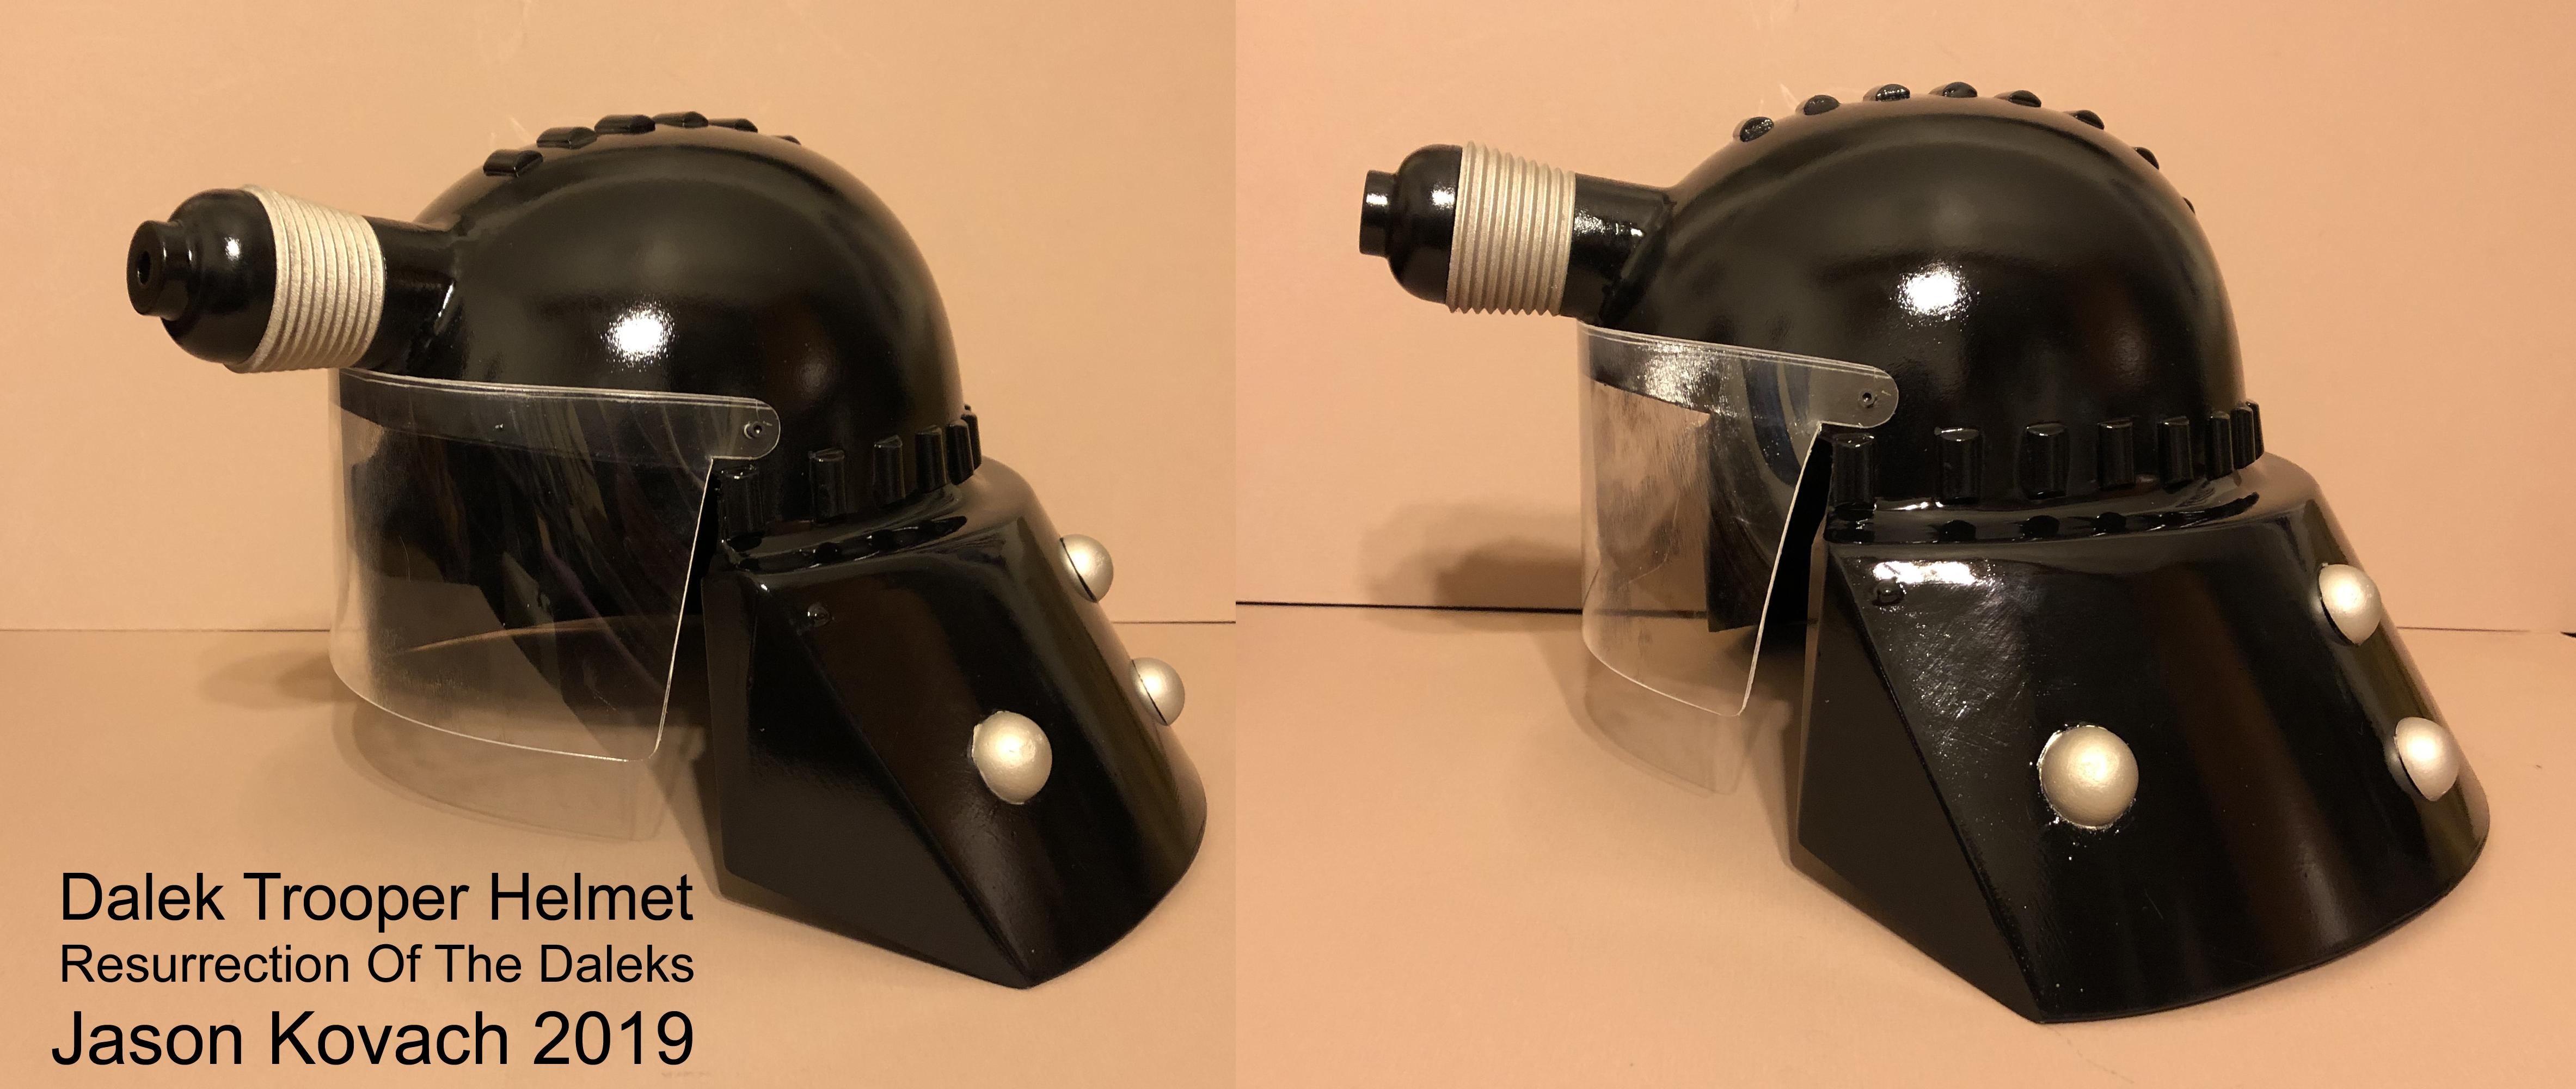 Dalek Trooper Helmet.jpg